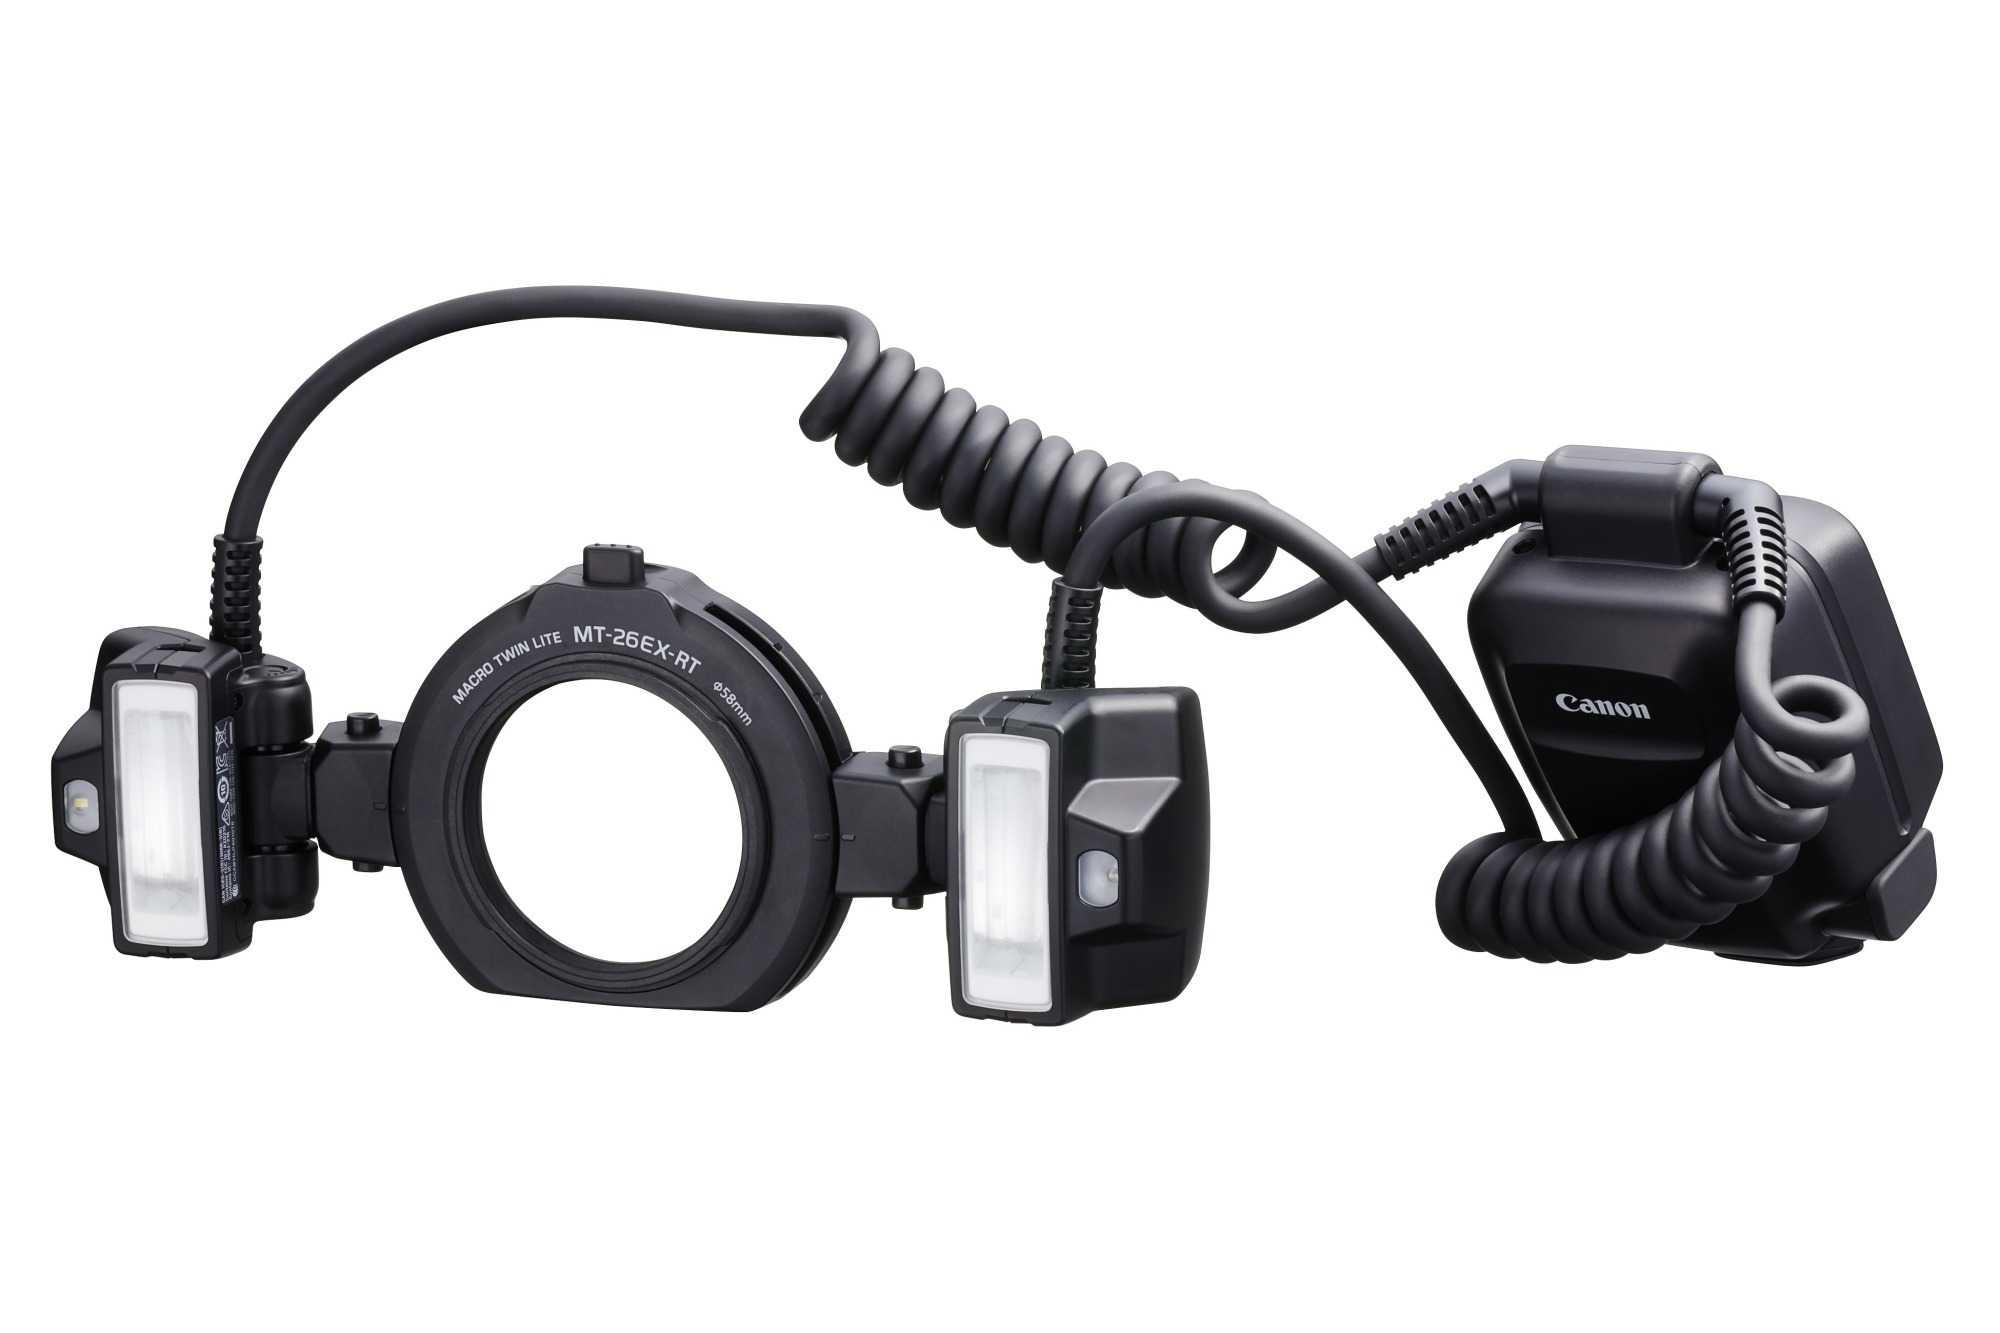 Der Spezialblitz MT-26EX-RT soll dabei helfen, Objekte im Nah- und Makro-Bereich gleichmäßig auszuleuchten.